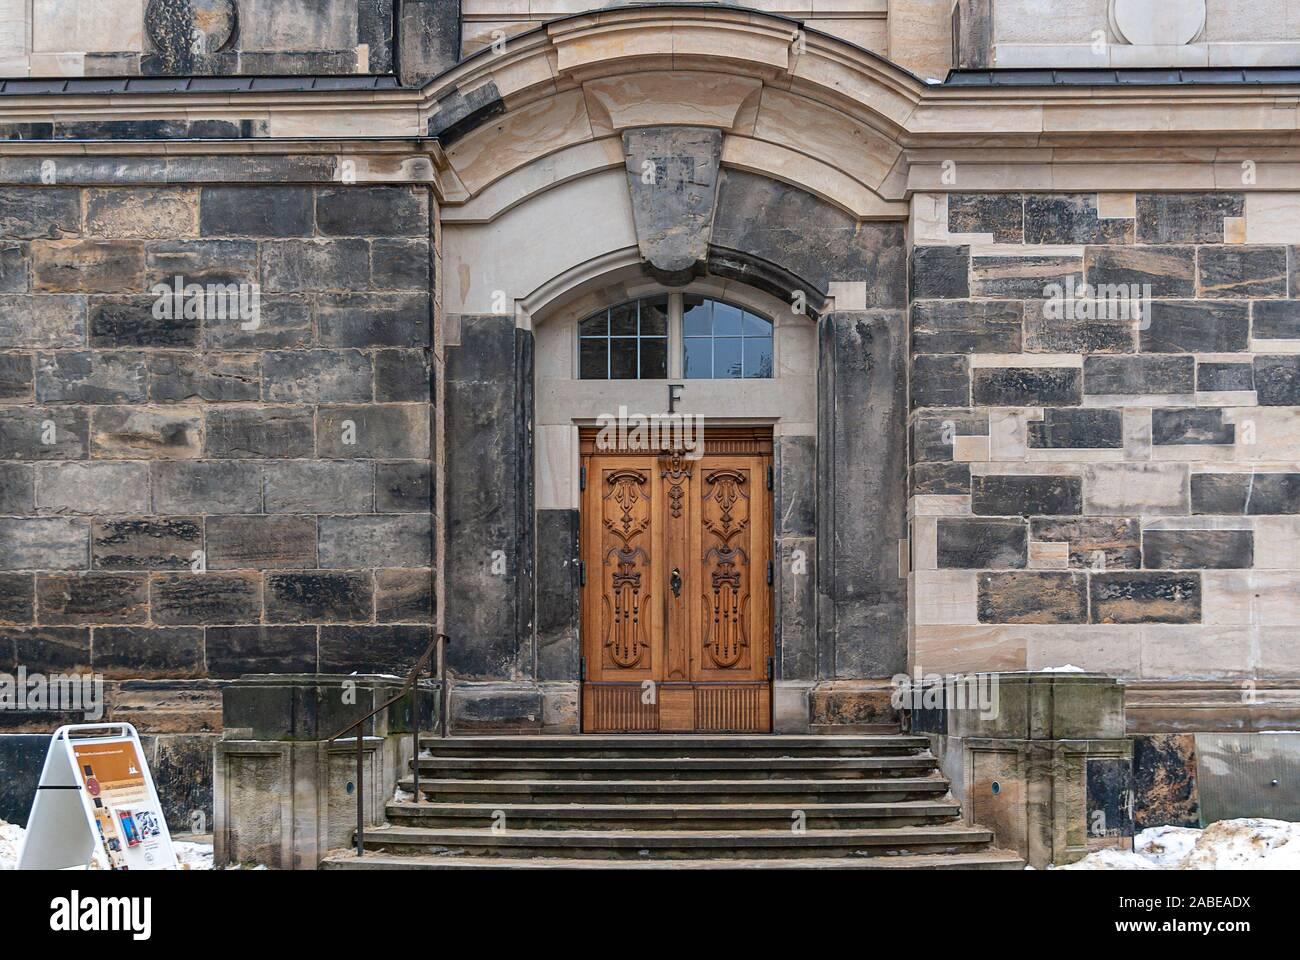 Eingang F der Frauenkirche (Kirche unserer Dame) in Dresden, Sachsen, Deutschland. Stockfoto